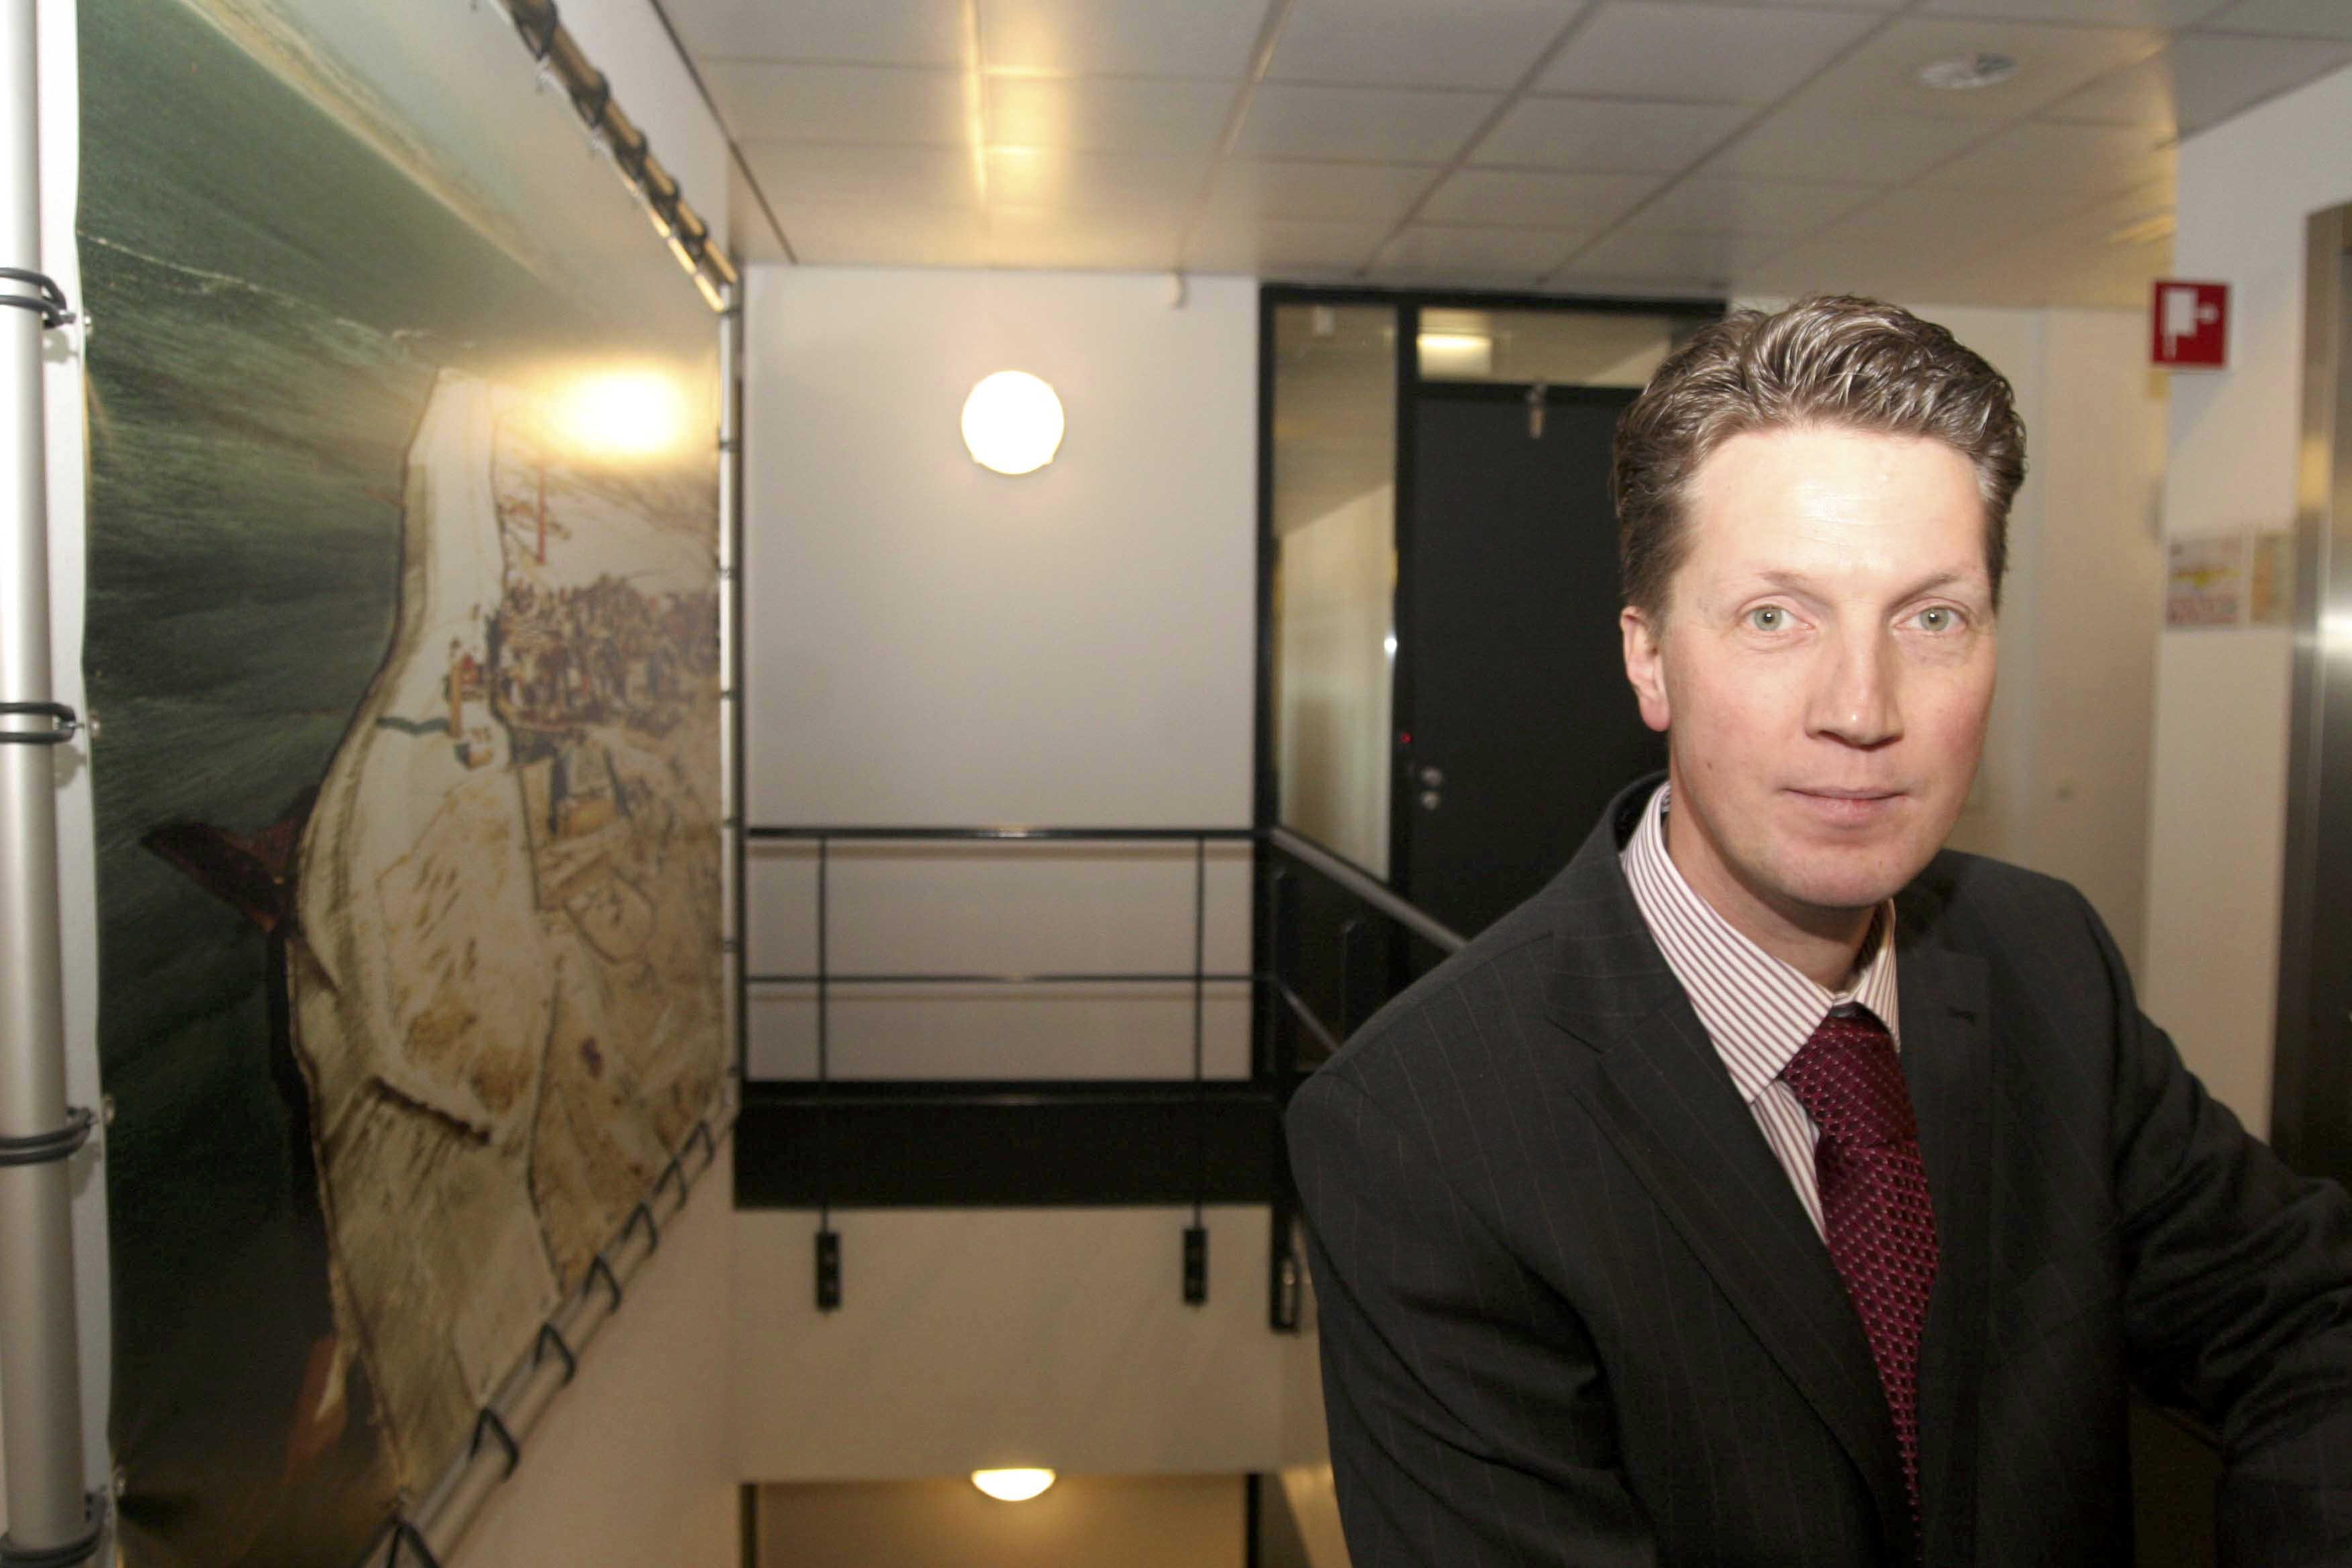 Honderden bedrijven in West-Friesland kunnen door corona leningen niet meer betalen en vragen uitstel aflossing